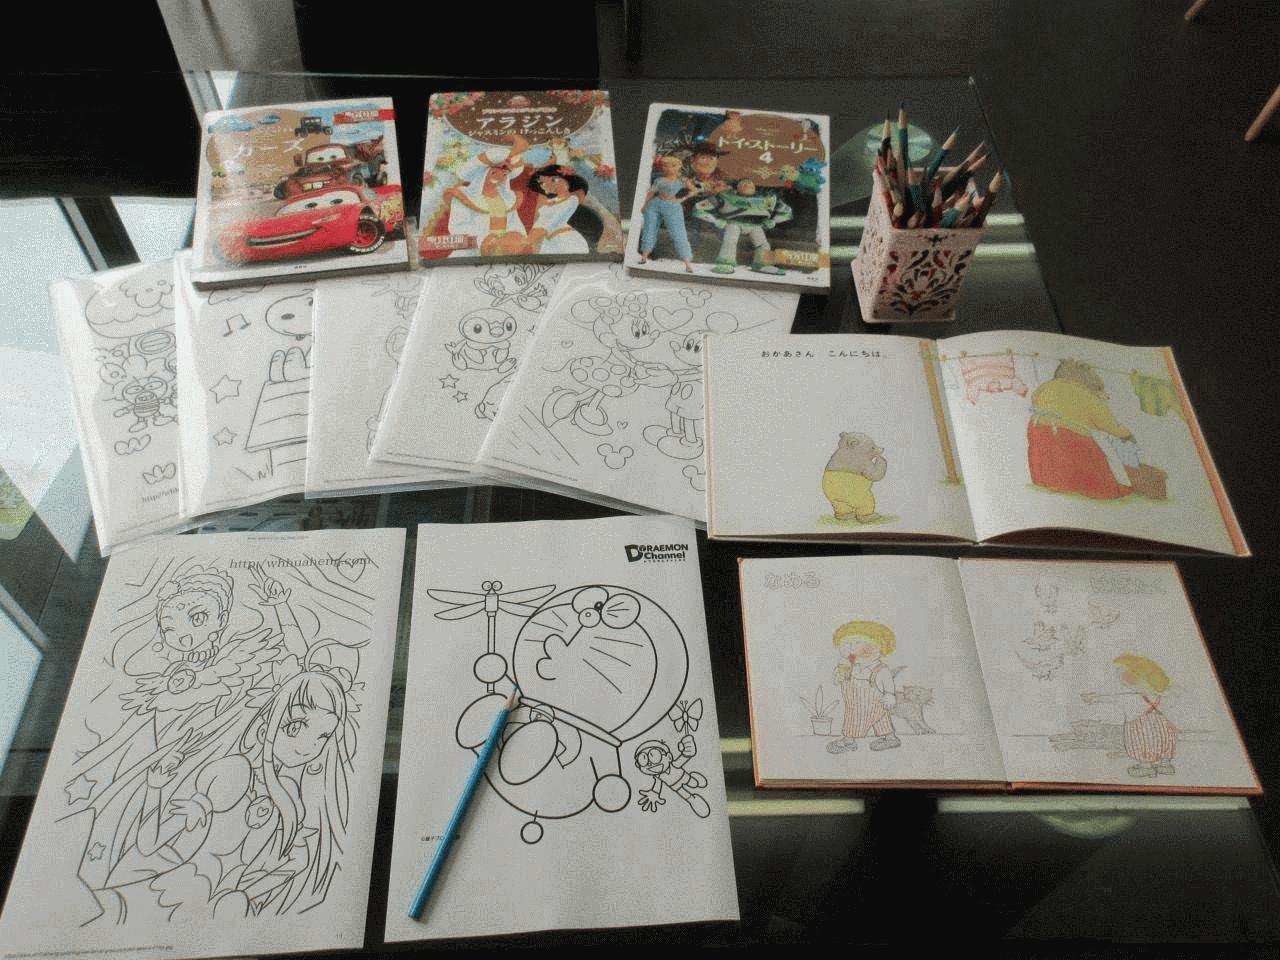 小さいお子様も絵本や塗り絵などご用意しておりますのでご家族でのご来店も大歓迎です(*^-^*)